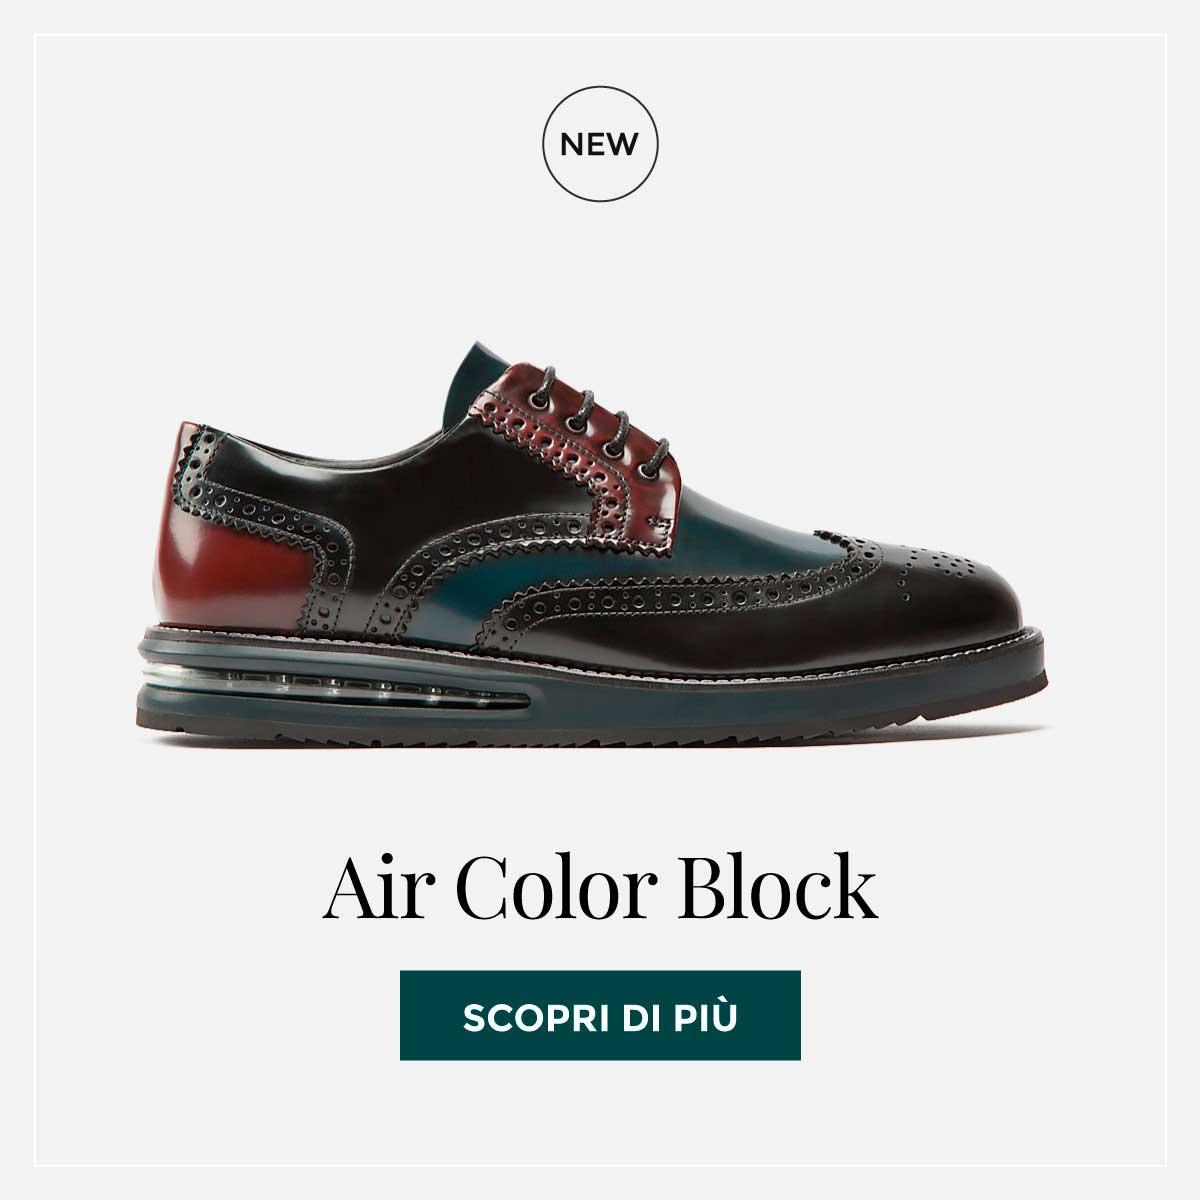 Air Color Block